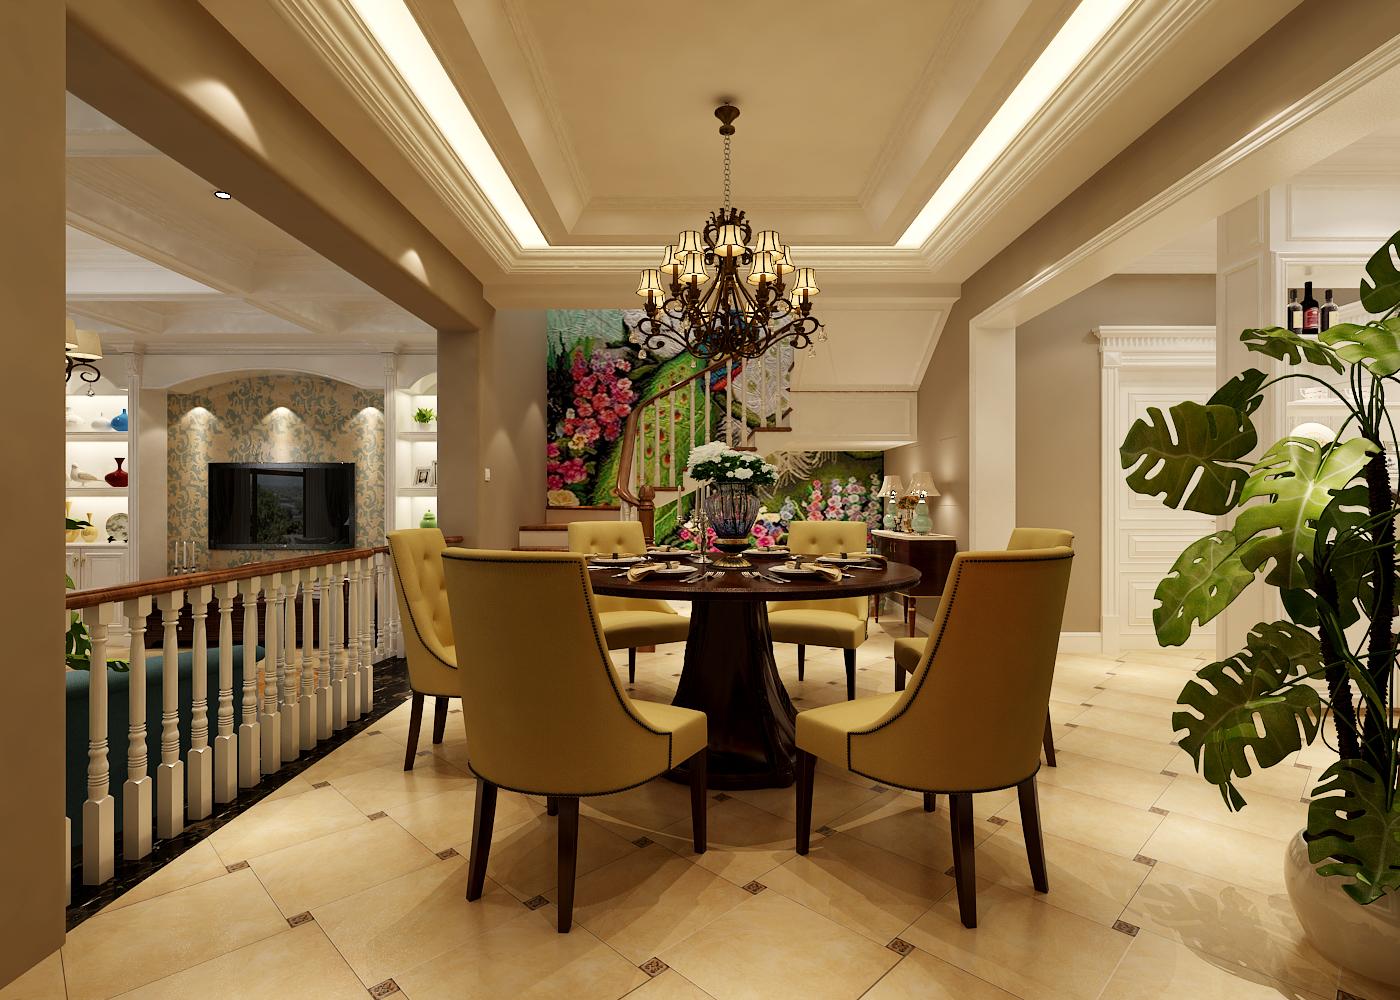 大连留庄别墅装修设计420平美式风格,打造理想中的温馨之家